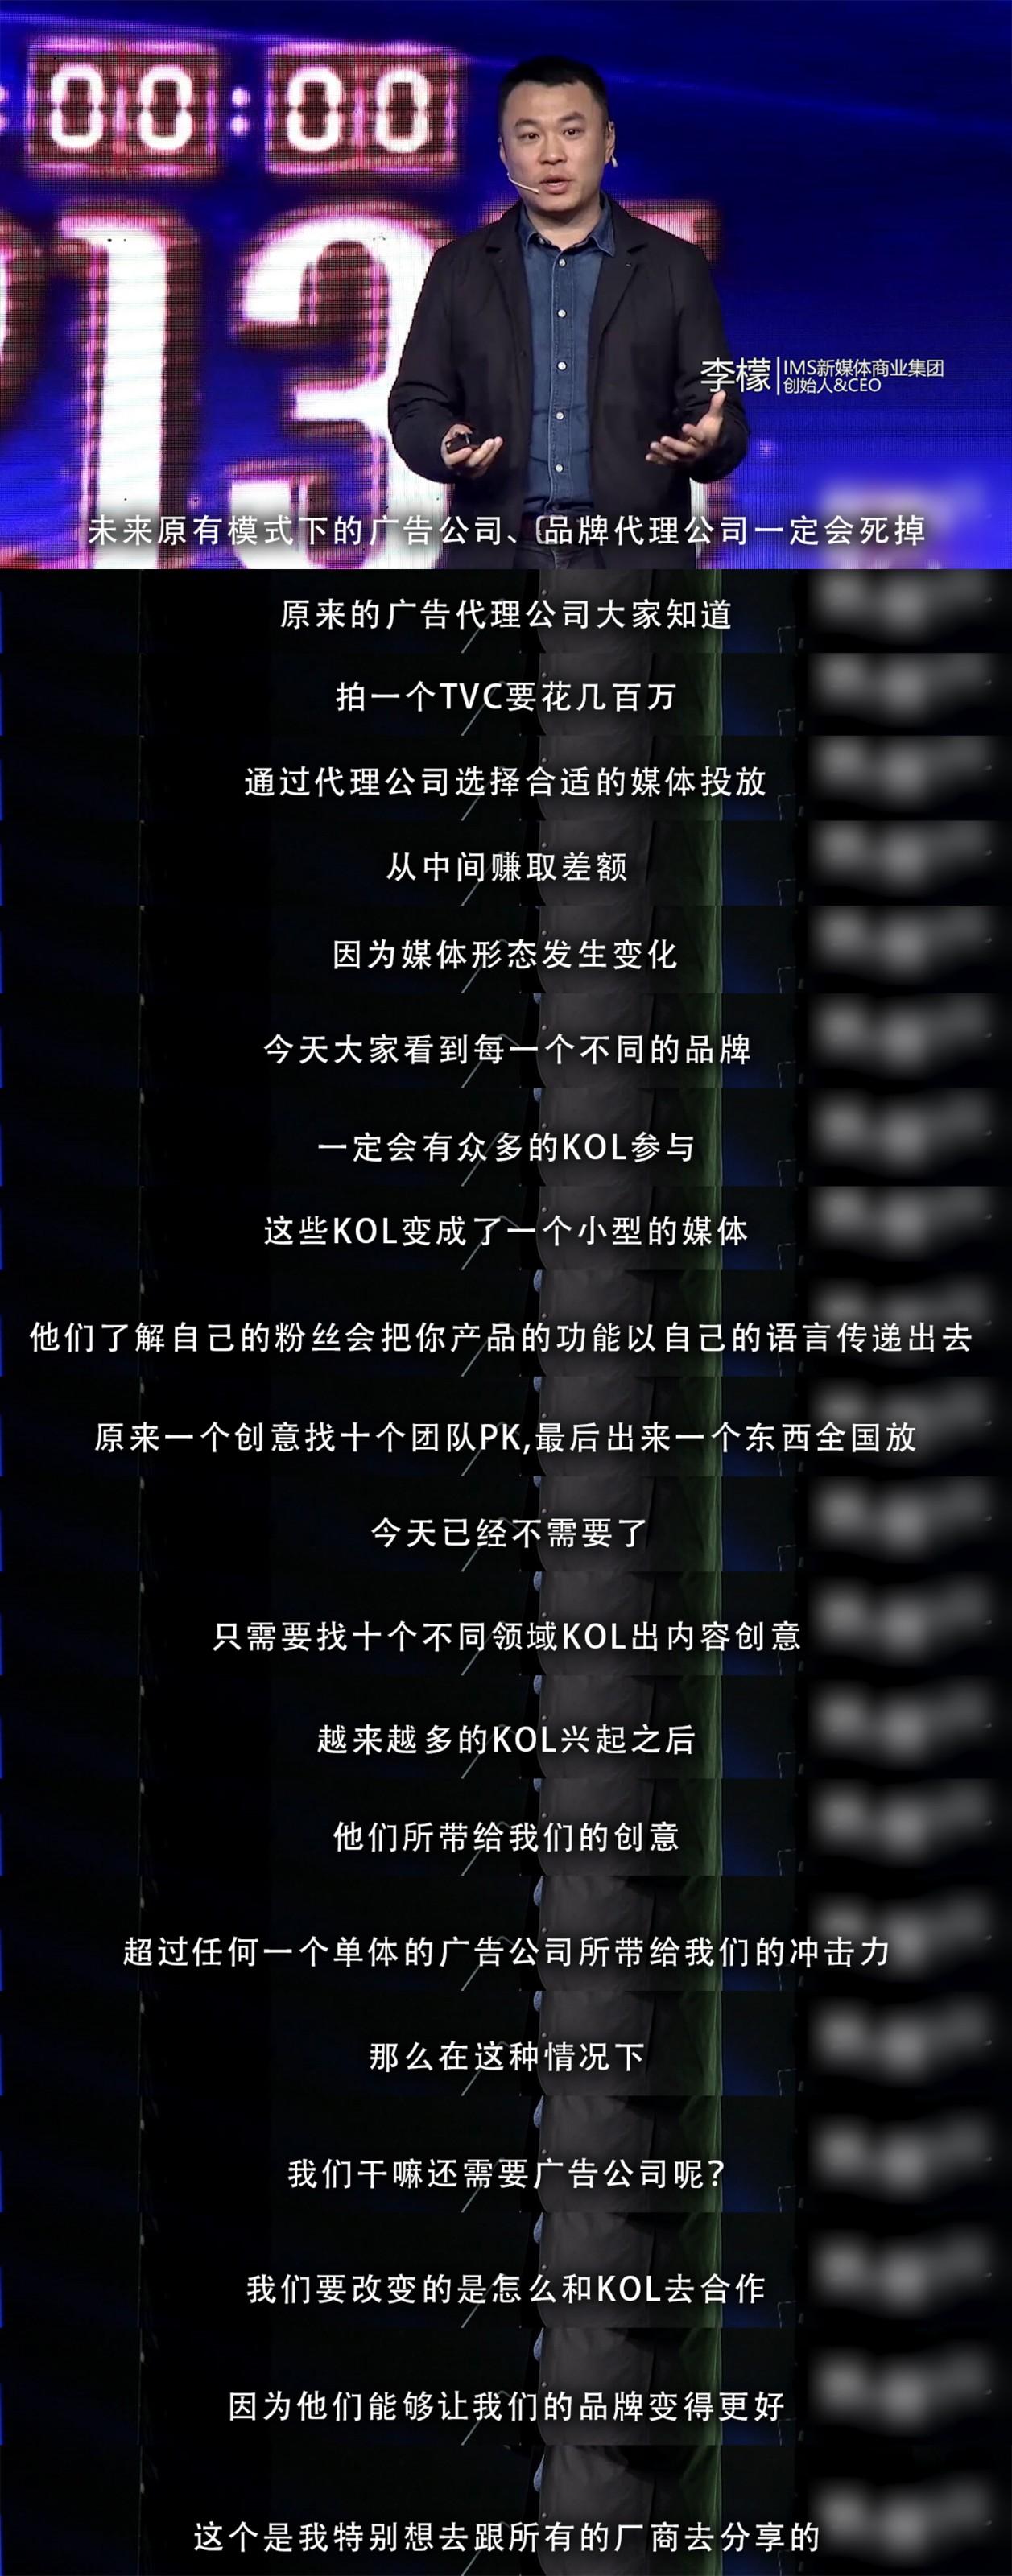 文章内长图源文件.jpeg